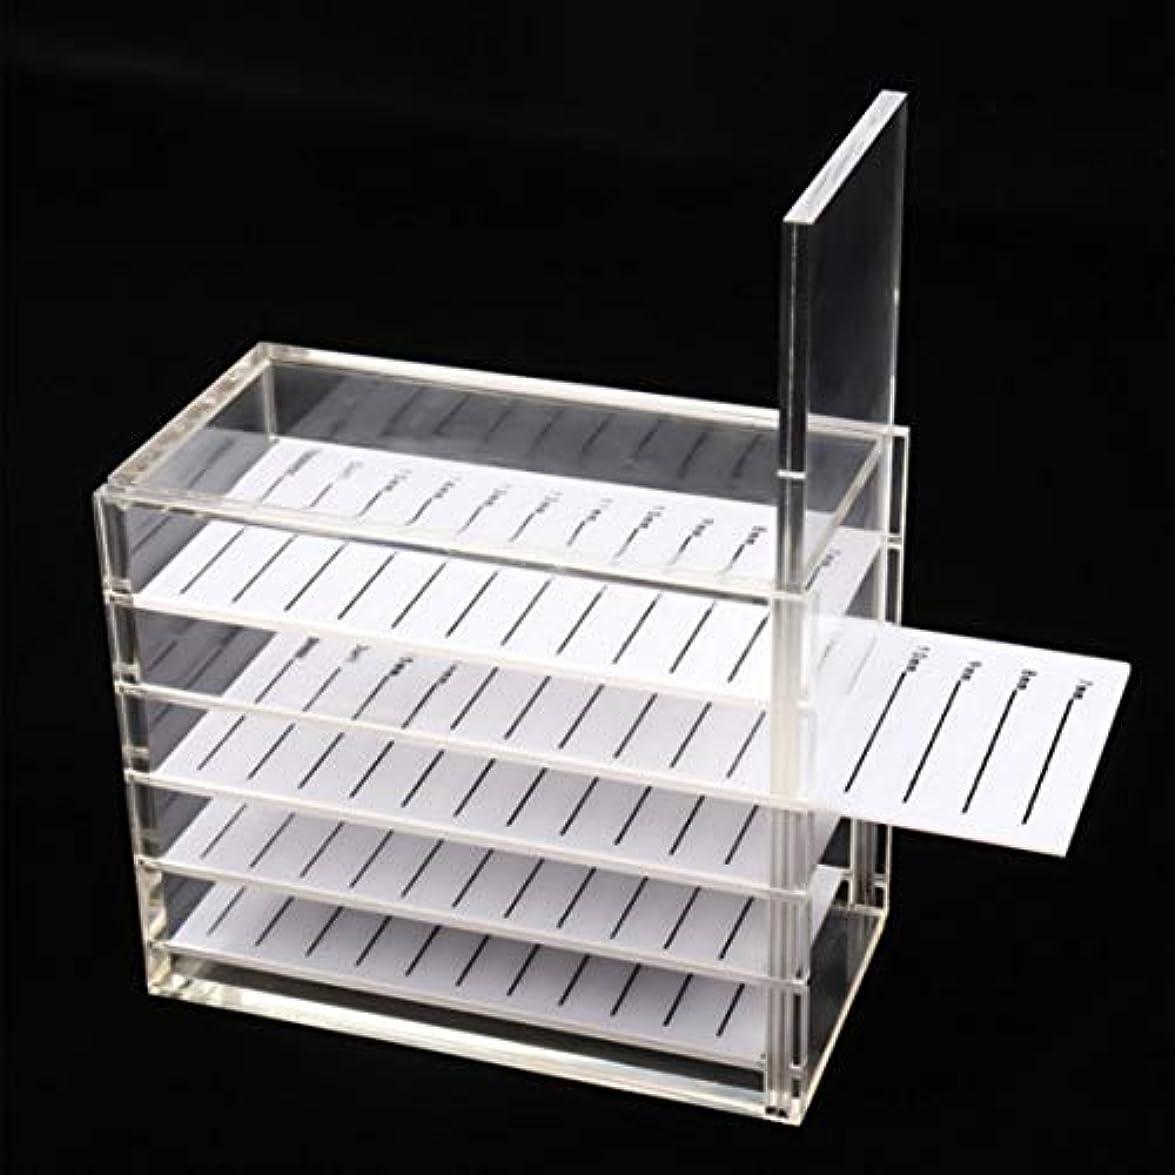 変装したすり古代Intercorey Graftingまつげ収納ボックス椿フラワーボックスアクリル日本語まつげディスプレイボード5層まつげディスプレイボード